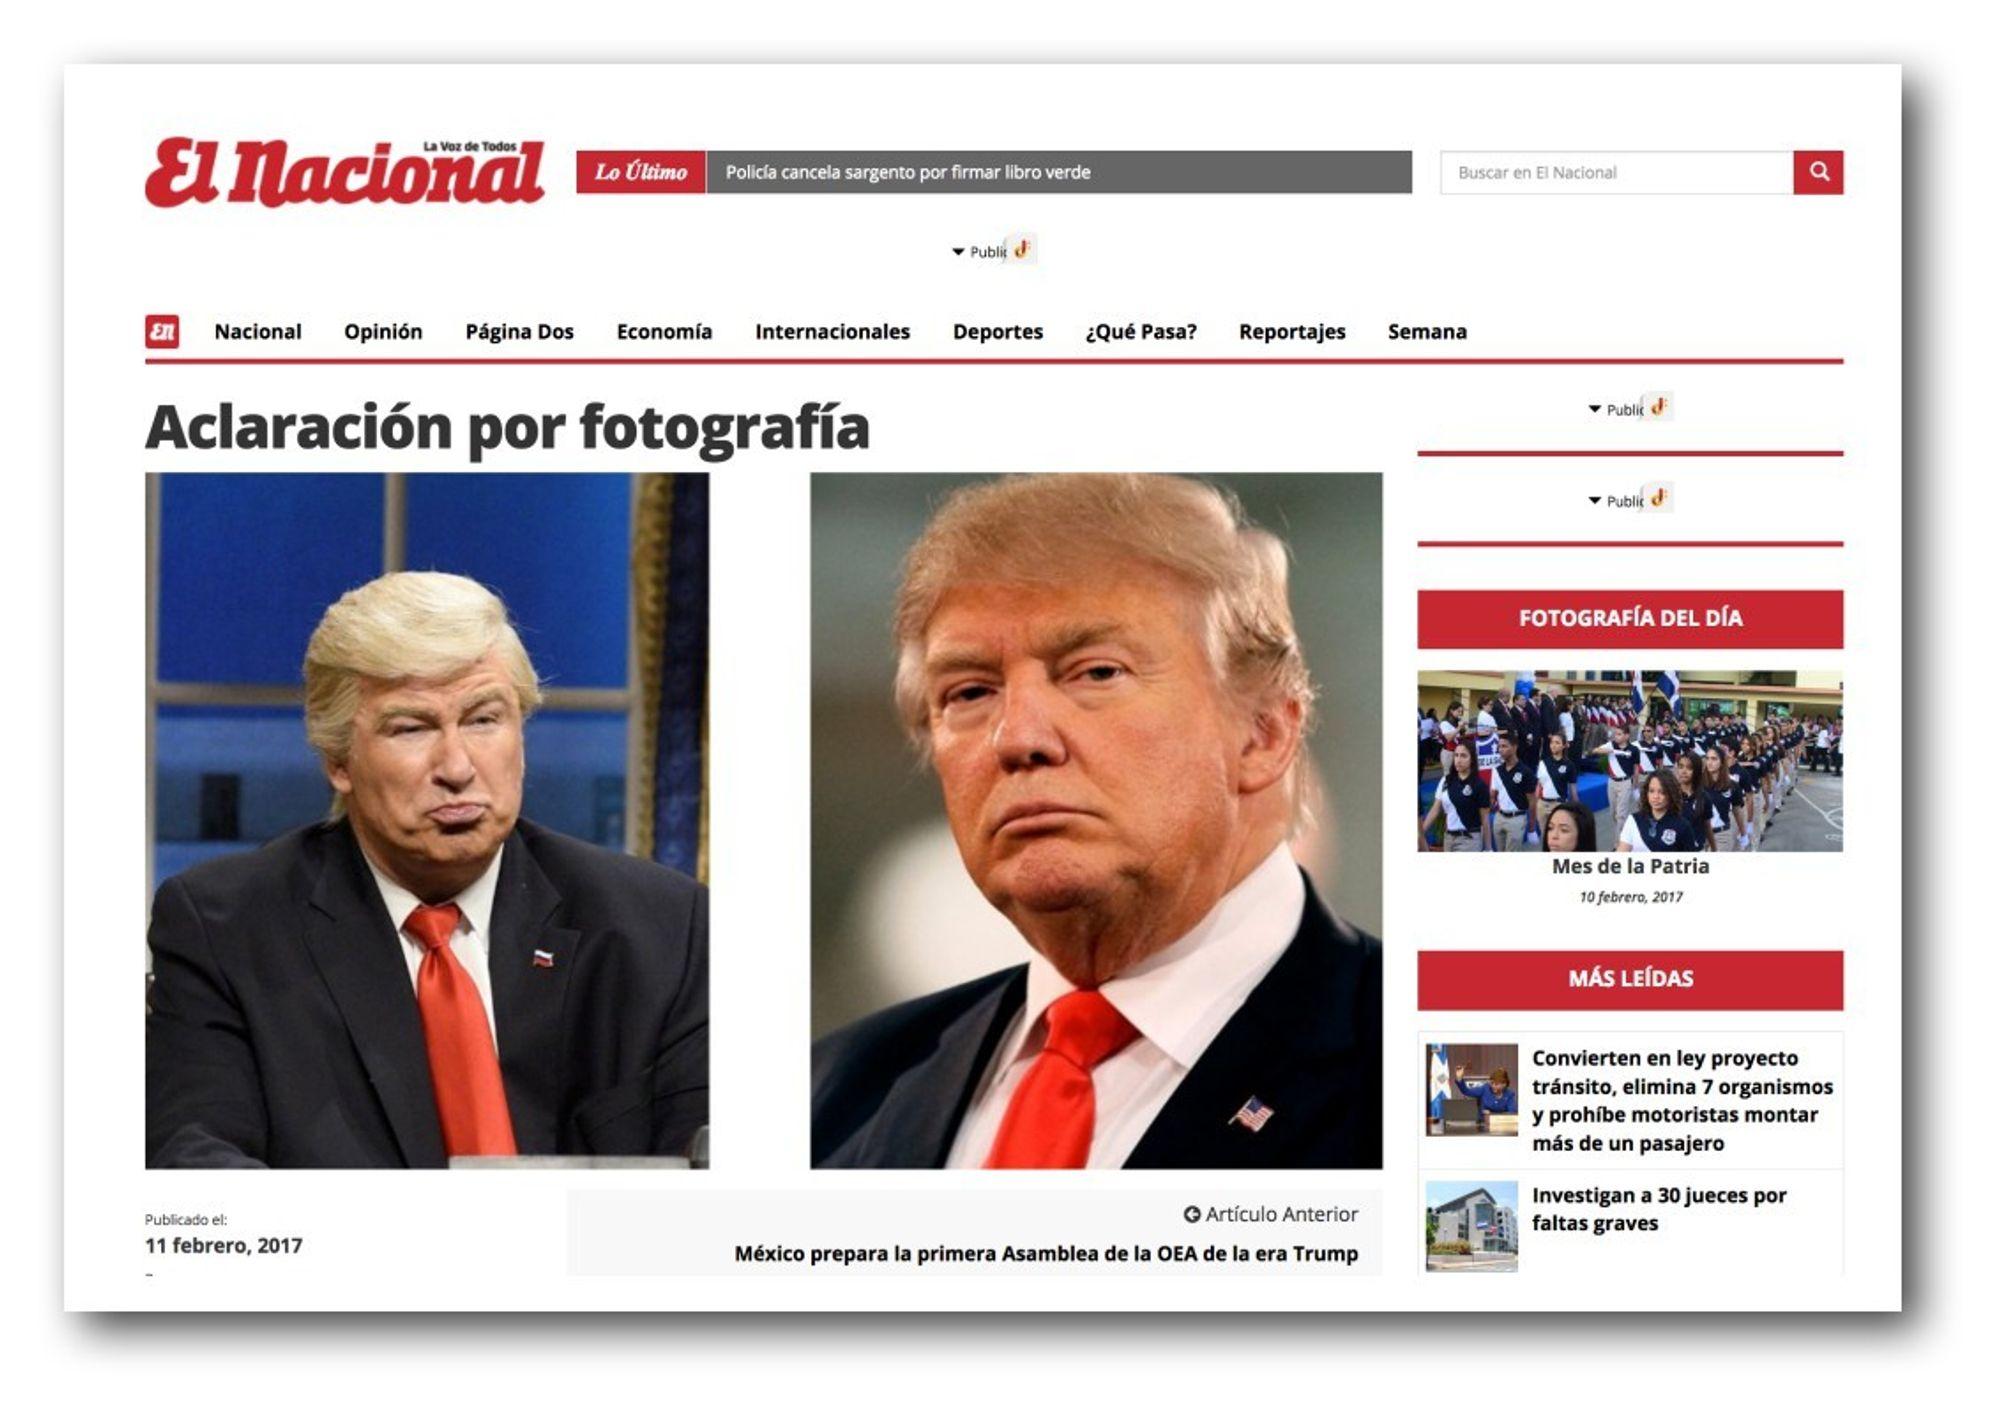 El Nacional beklager a... Alec Baldwin As Trump